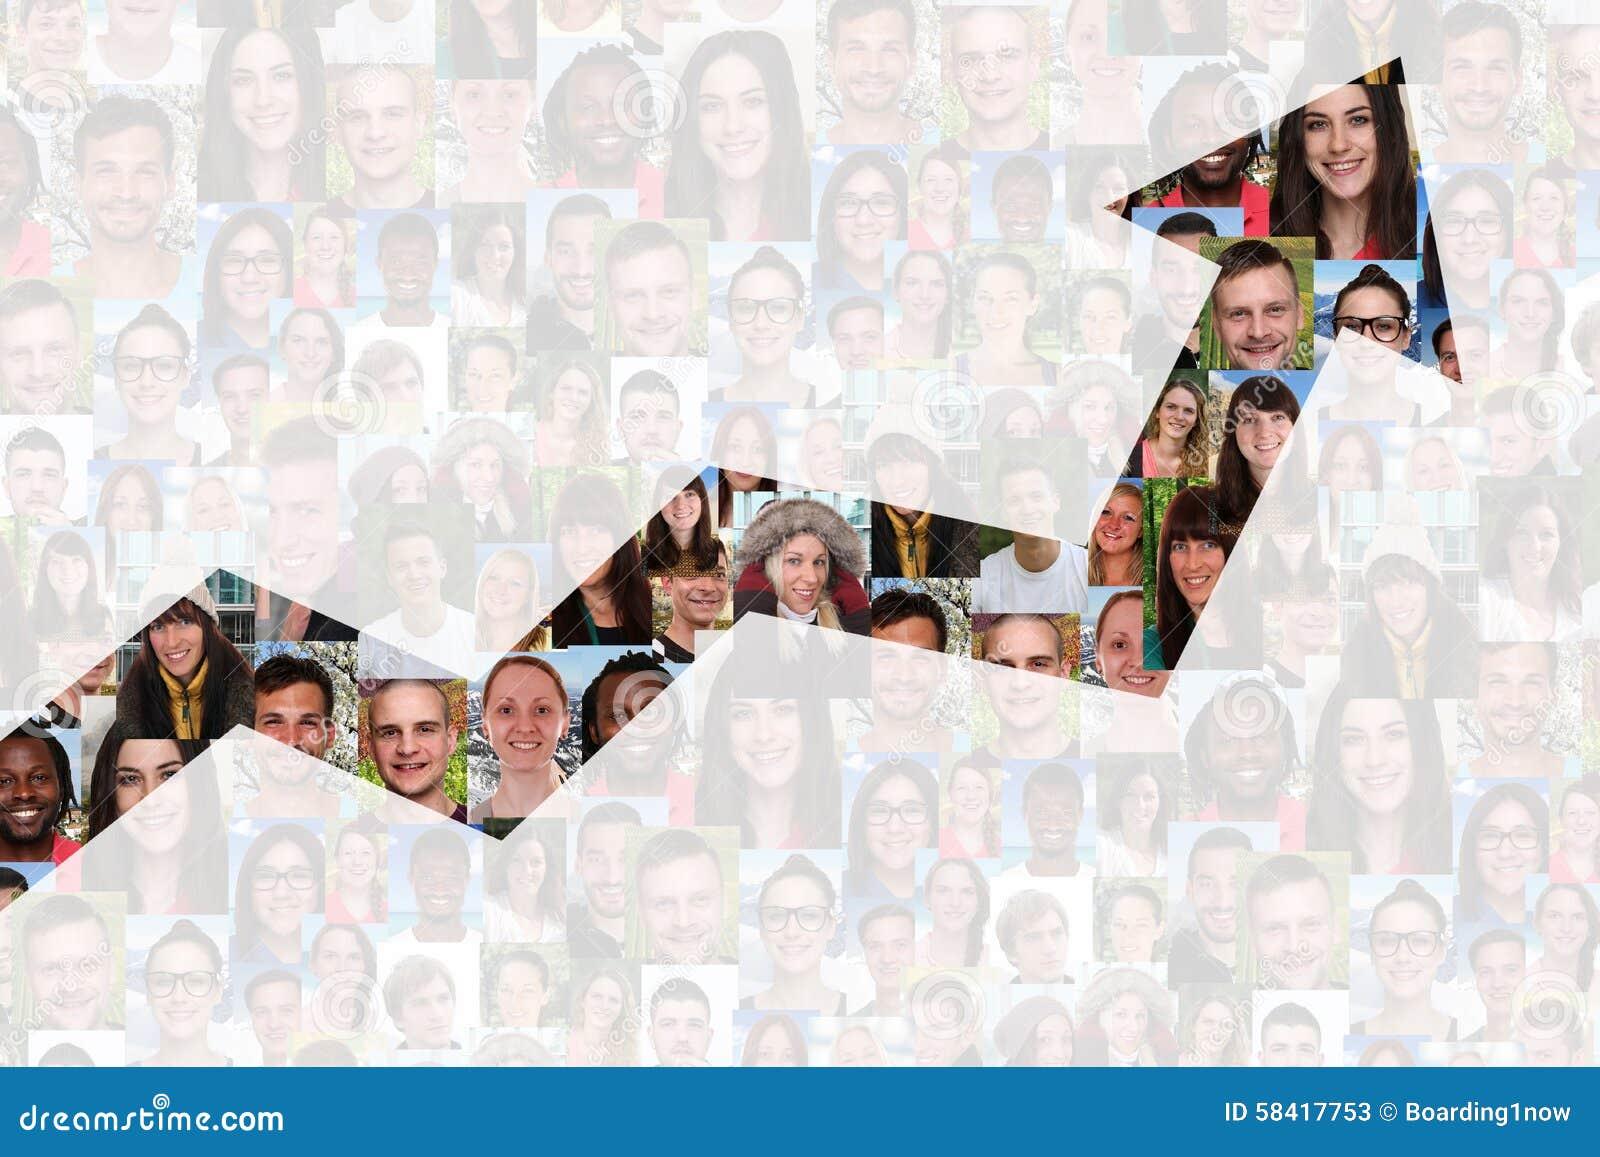 Επιτυχία ή επιτυχής στρατηγική αύξησης στην επιχείρηση με τους ανθρώπους